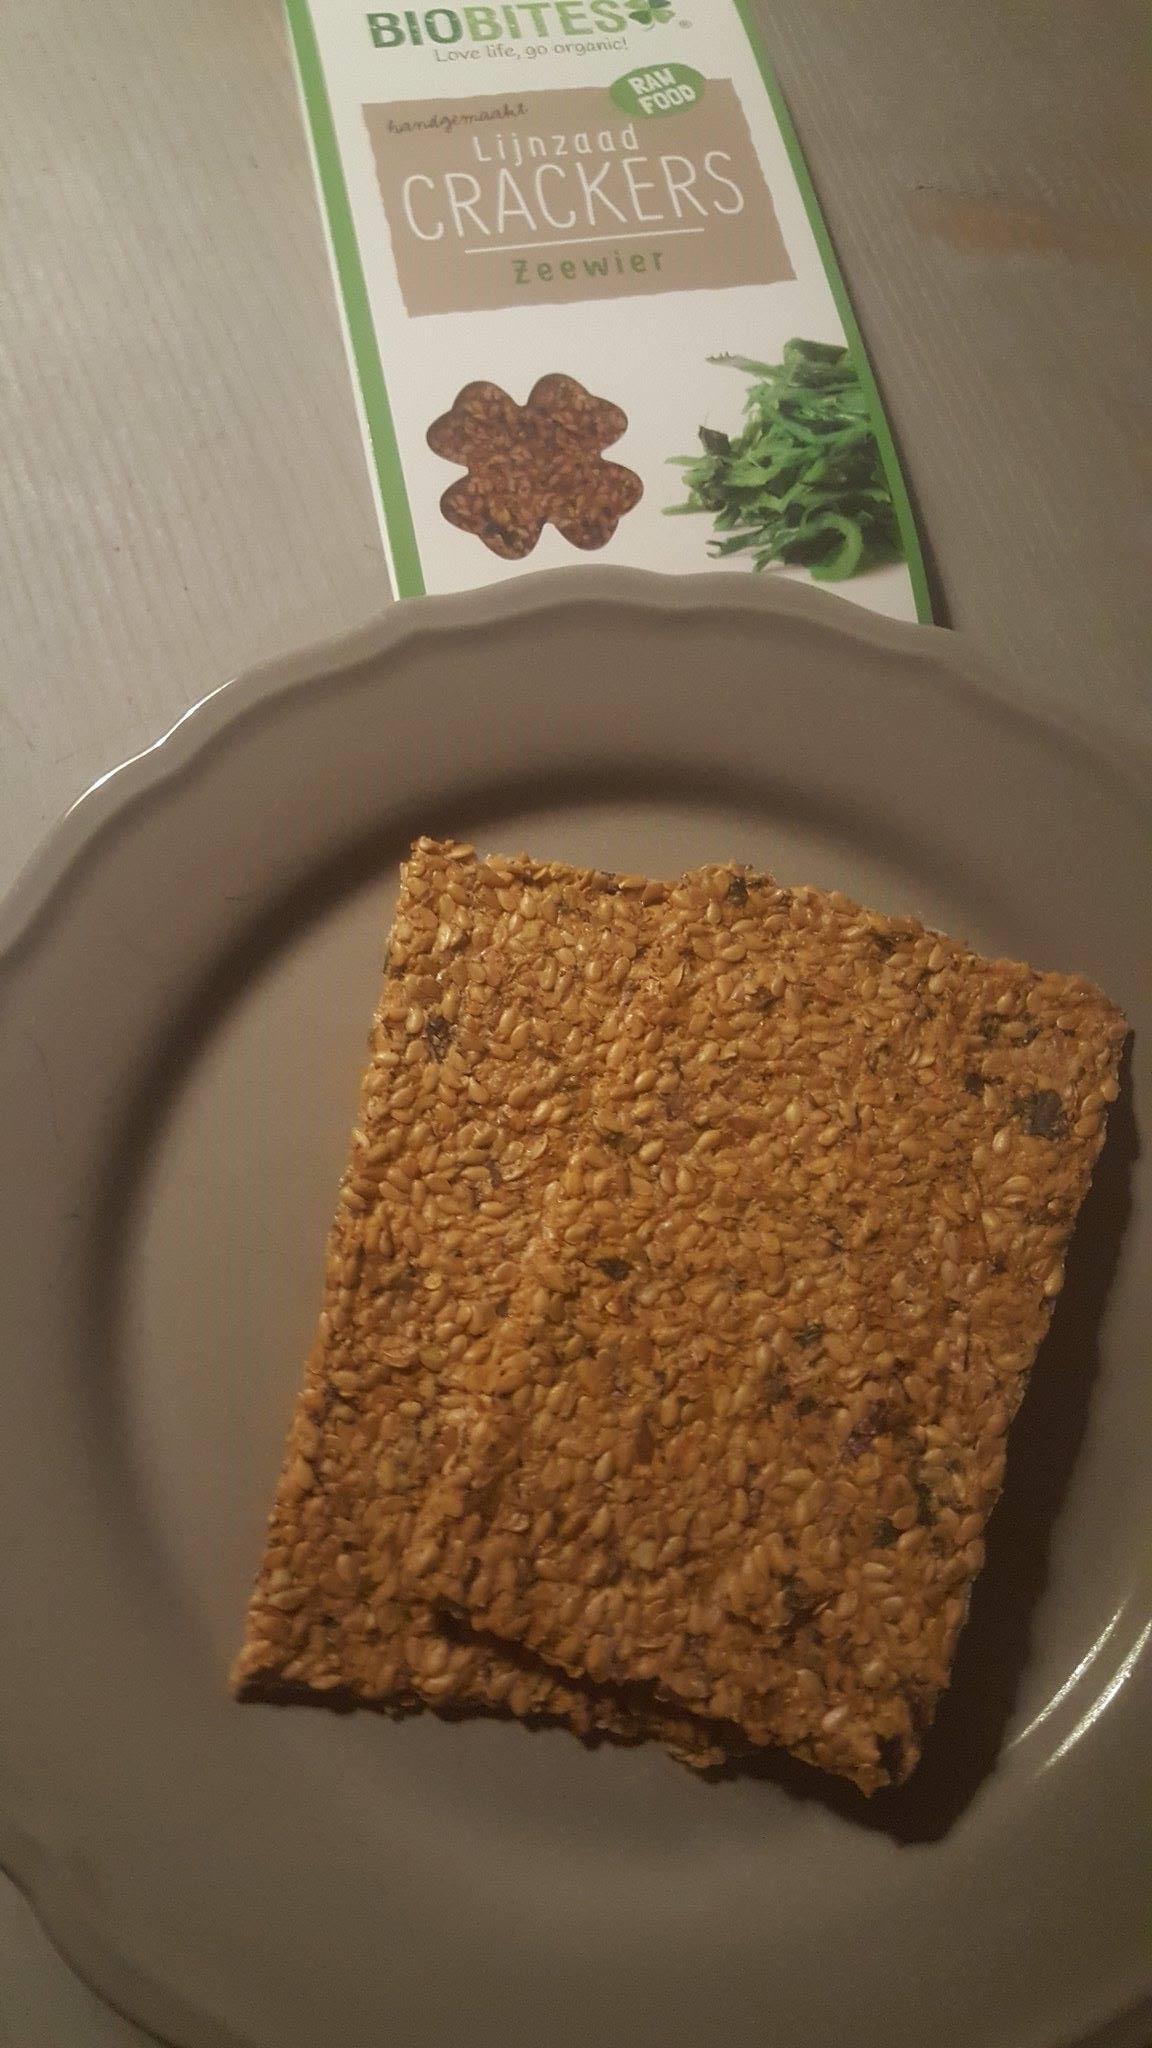 Biobites vegan crackers, Vegan crackers, Biologische crackers, Glutenvrije crackers, Biobites, Glutenvrije vegan crackers, Biobites crackers organic happiness, biologisch, biologische foodblog